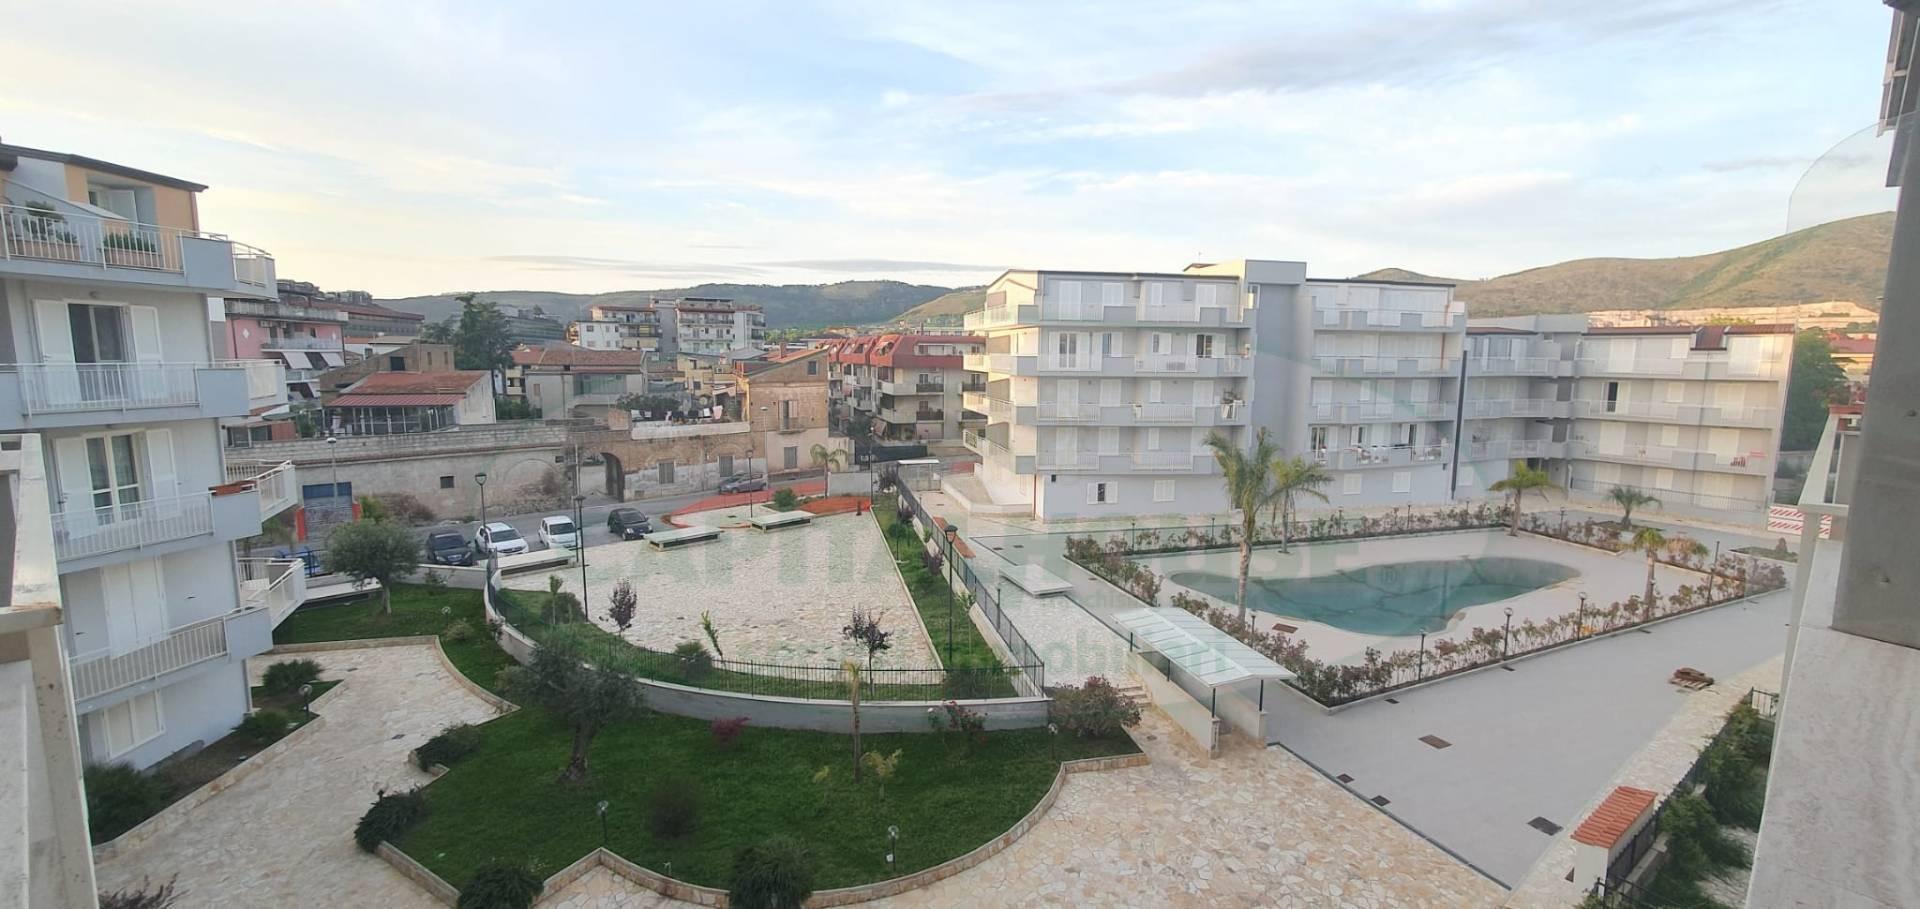 Appartamento in vendita a Caserta, 2 locali, zona Località: Lincoln, prezzo € 140.000 | CambioCasa.it